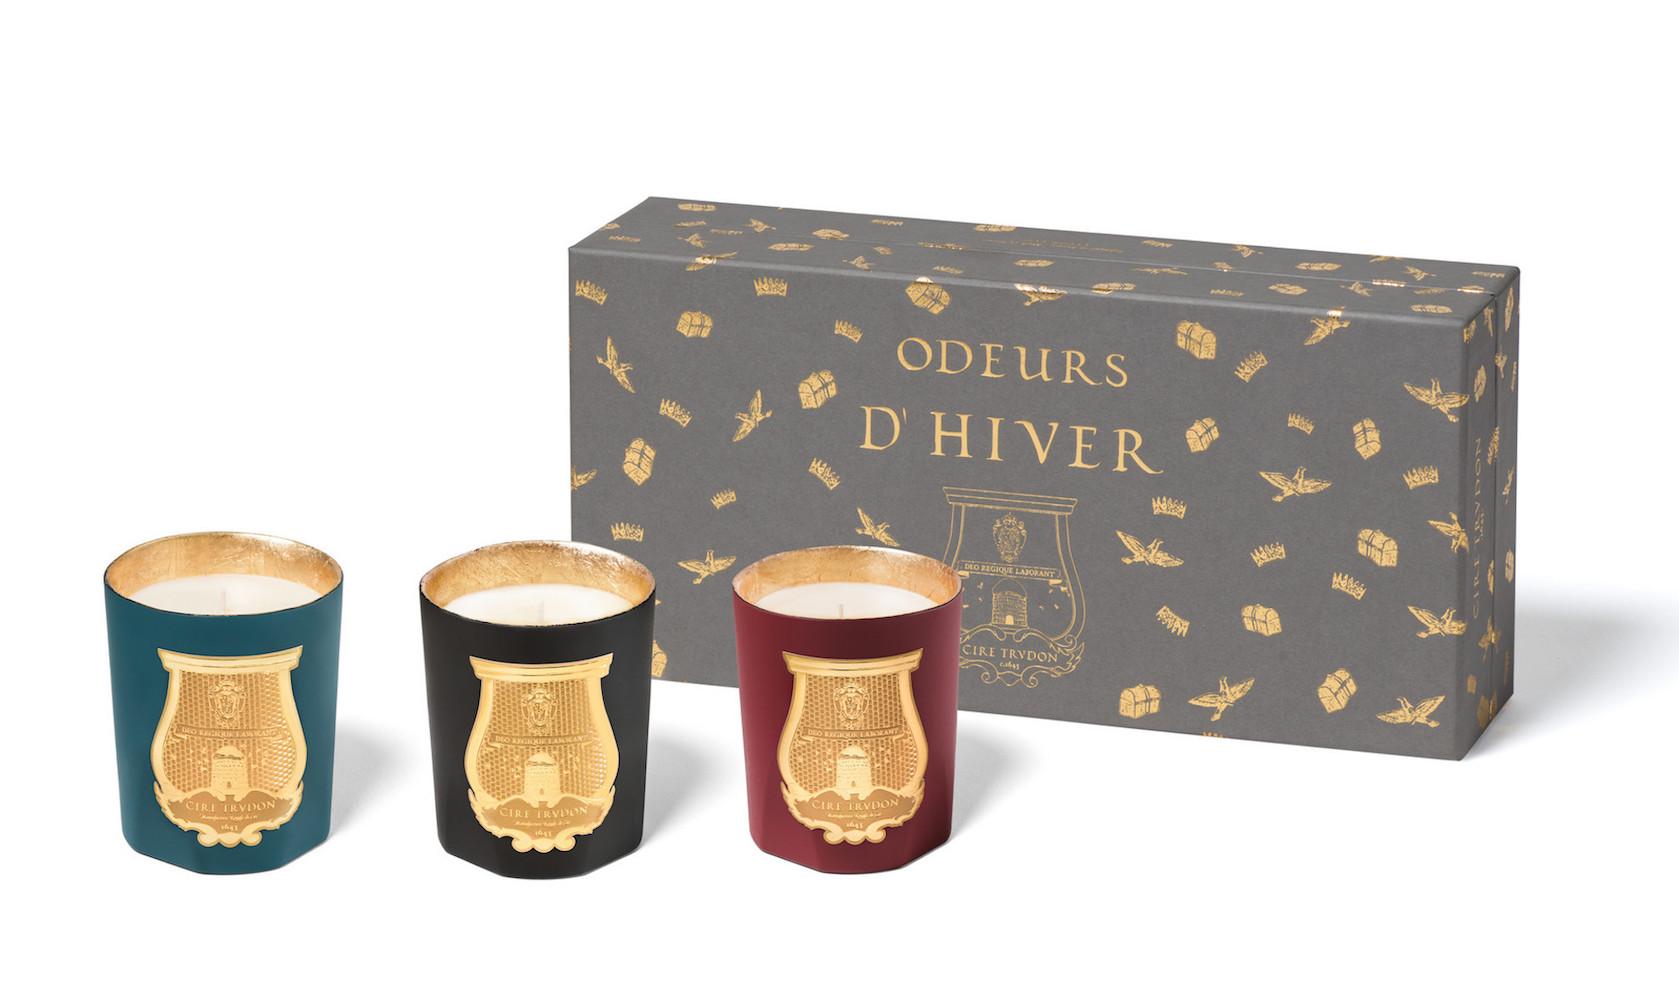 Vánoční svíčky z francouzské manufaktury Cire Trudon ve třech hřejivých vůních. Prodává Ingredients